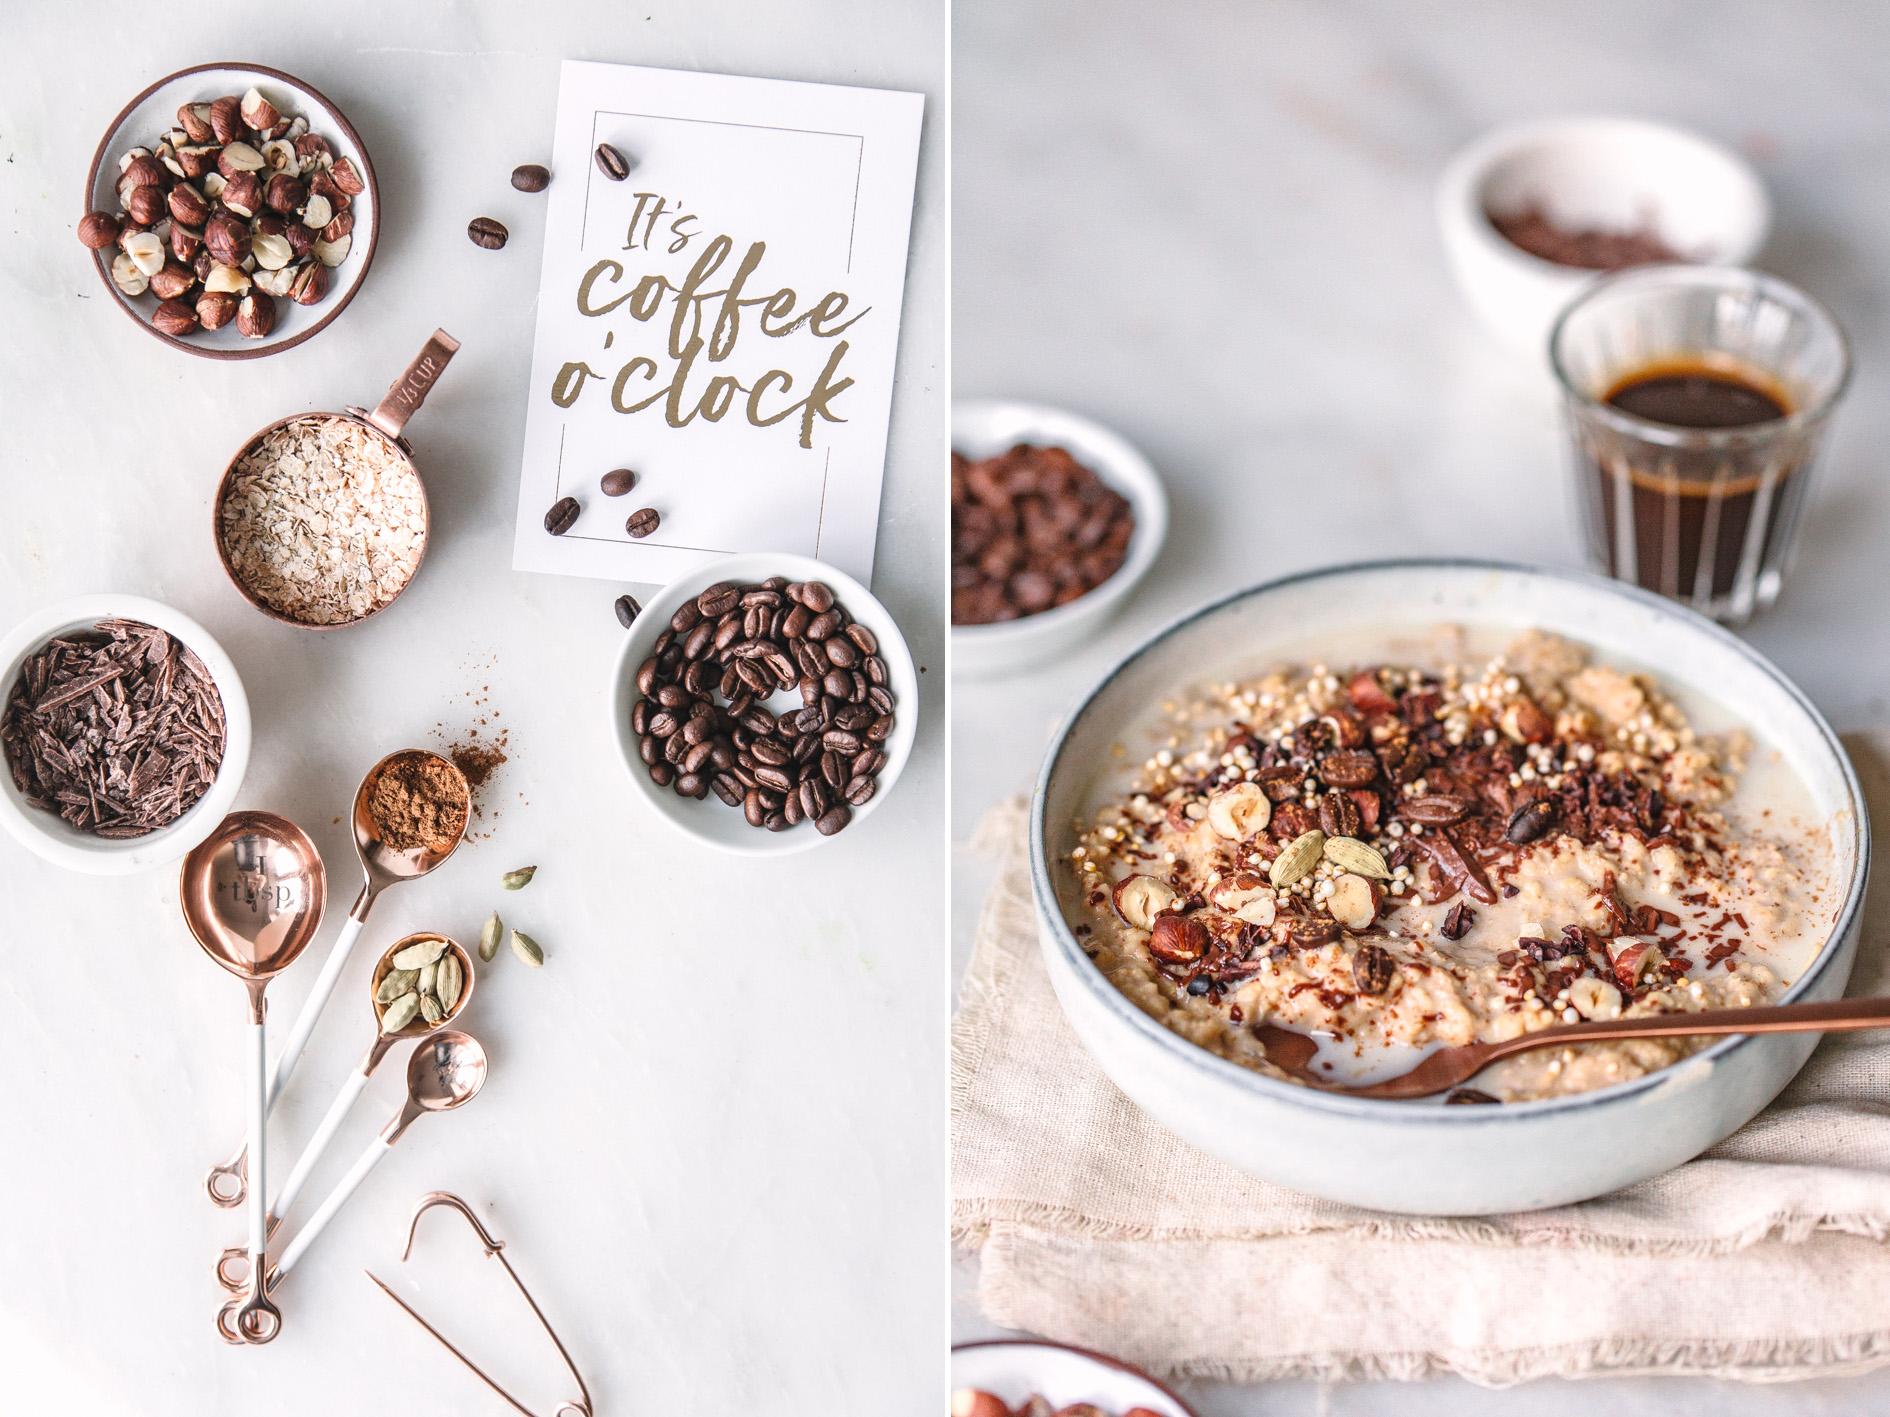 Schoko Kaffee Oatmeal